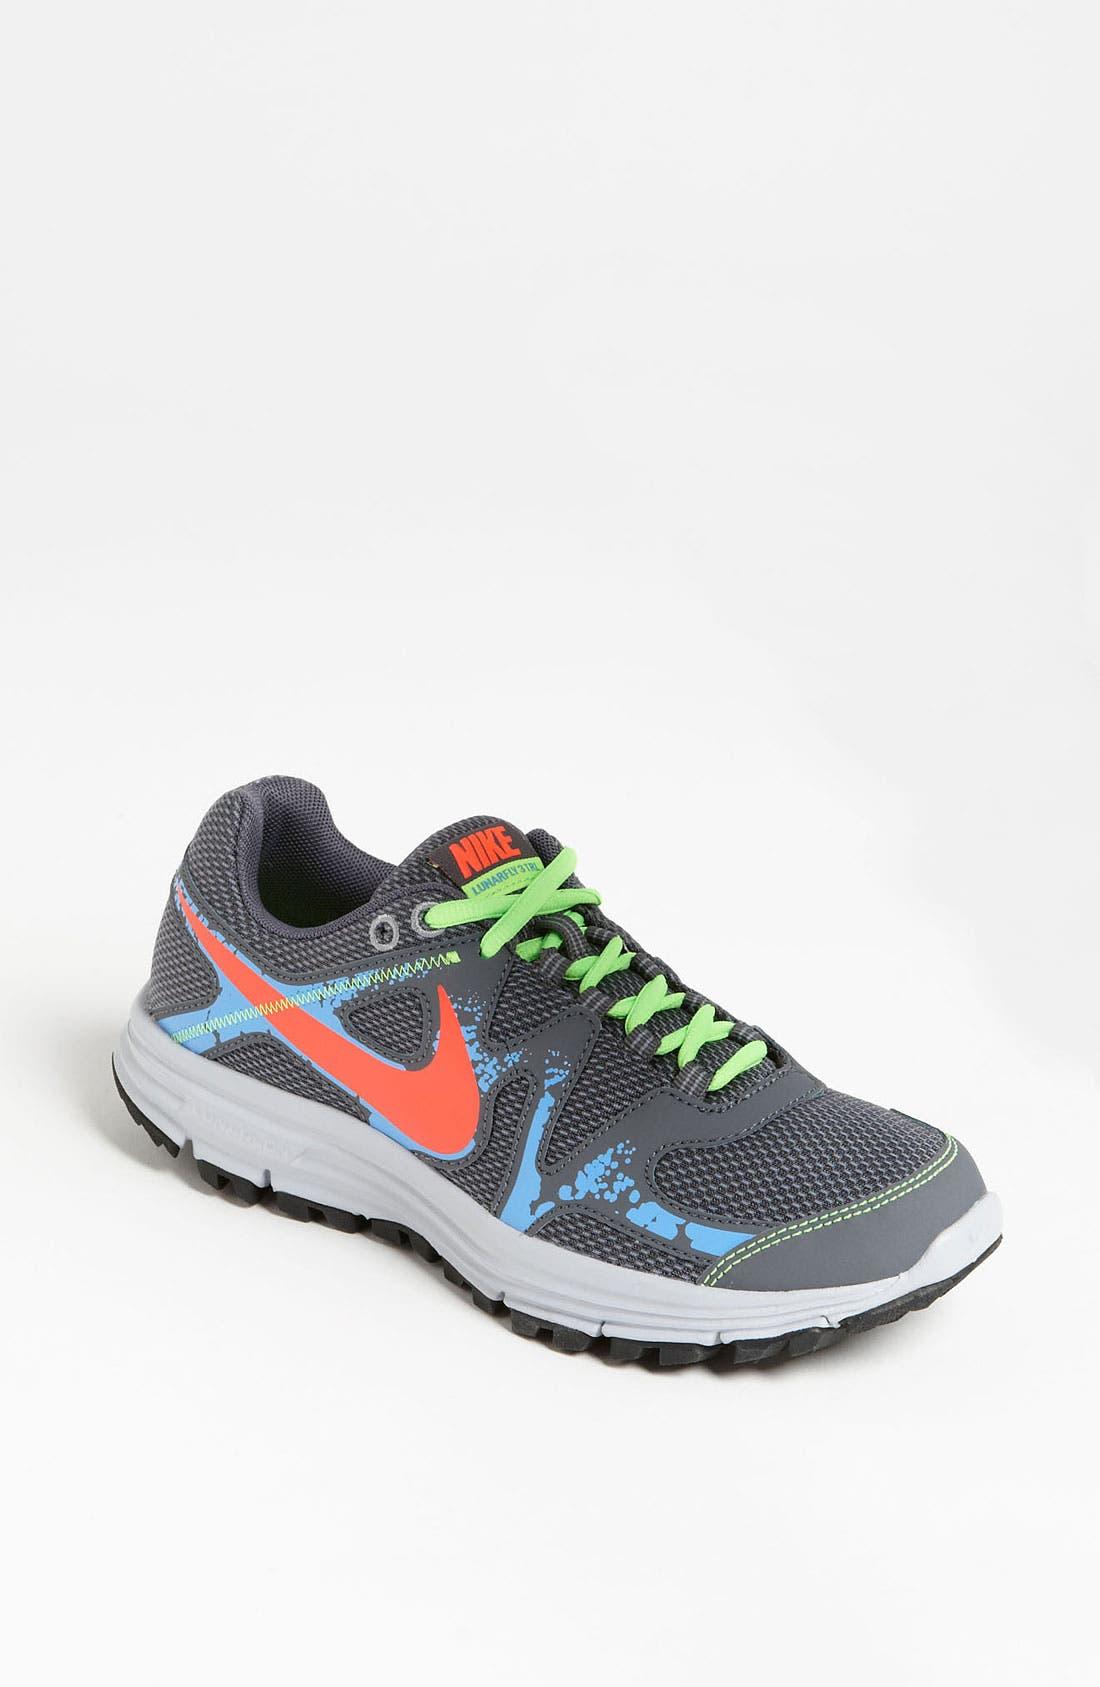 excellent magasin d'usine Nike Lunarfly 4 Chaussures Pour Femmes Chez Sears  Canada sneakernews de